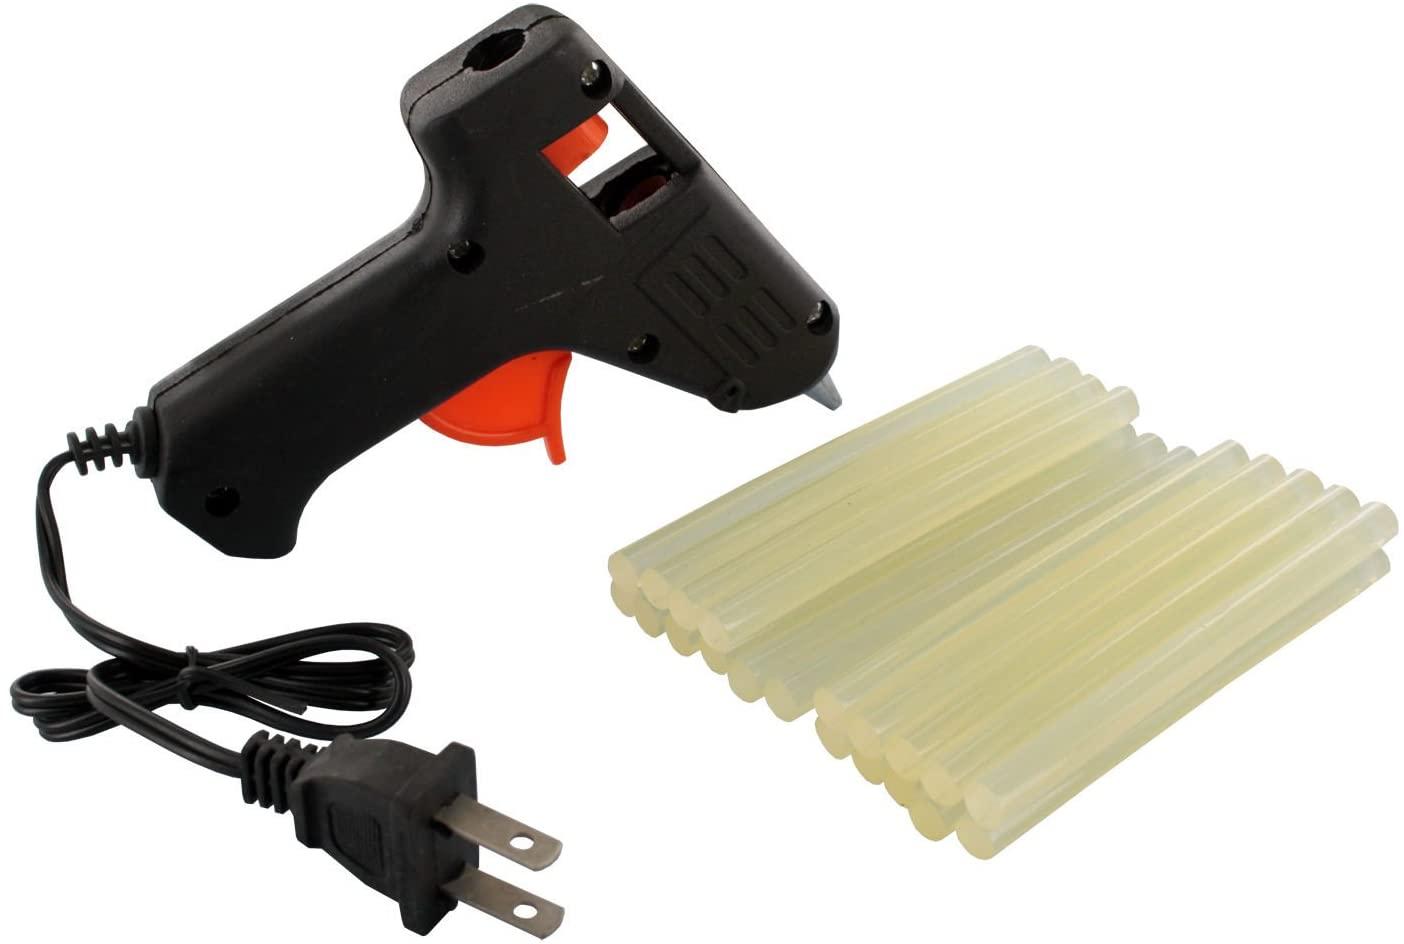 10w Mini Craft Trigger Hot Melt All-purpose Glue Gun w/ 22 Glue Sticks